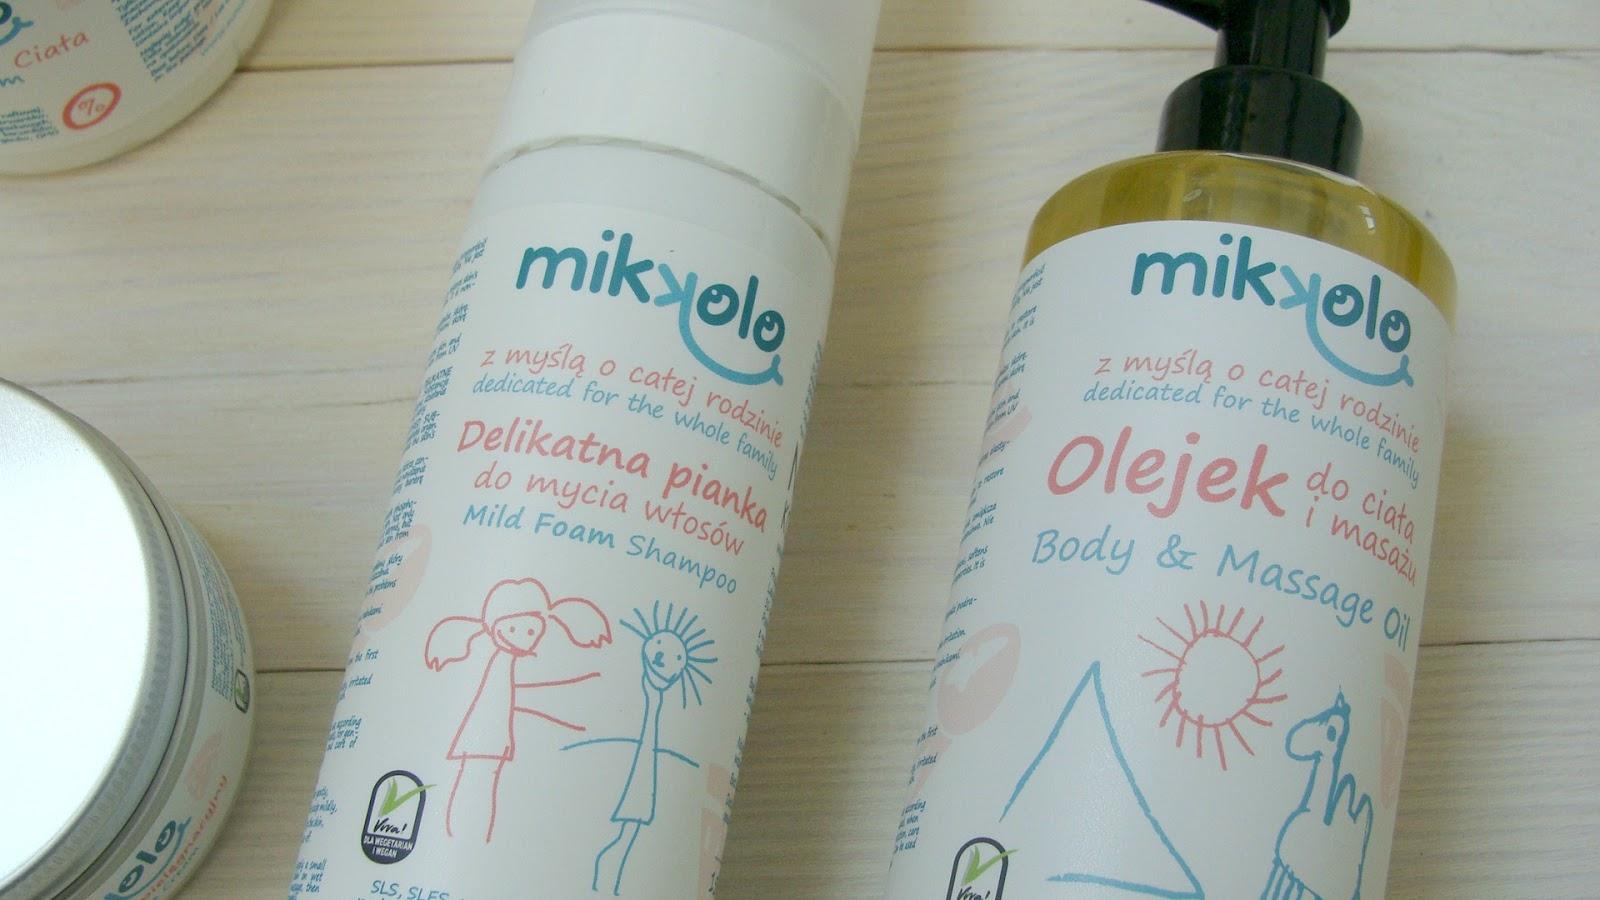 Kosmetyki Mikkolo, Nova Kosmetyki